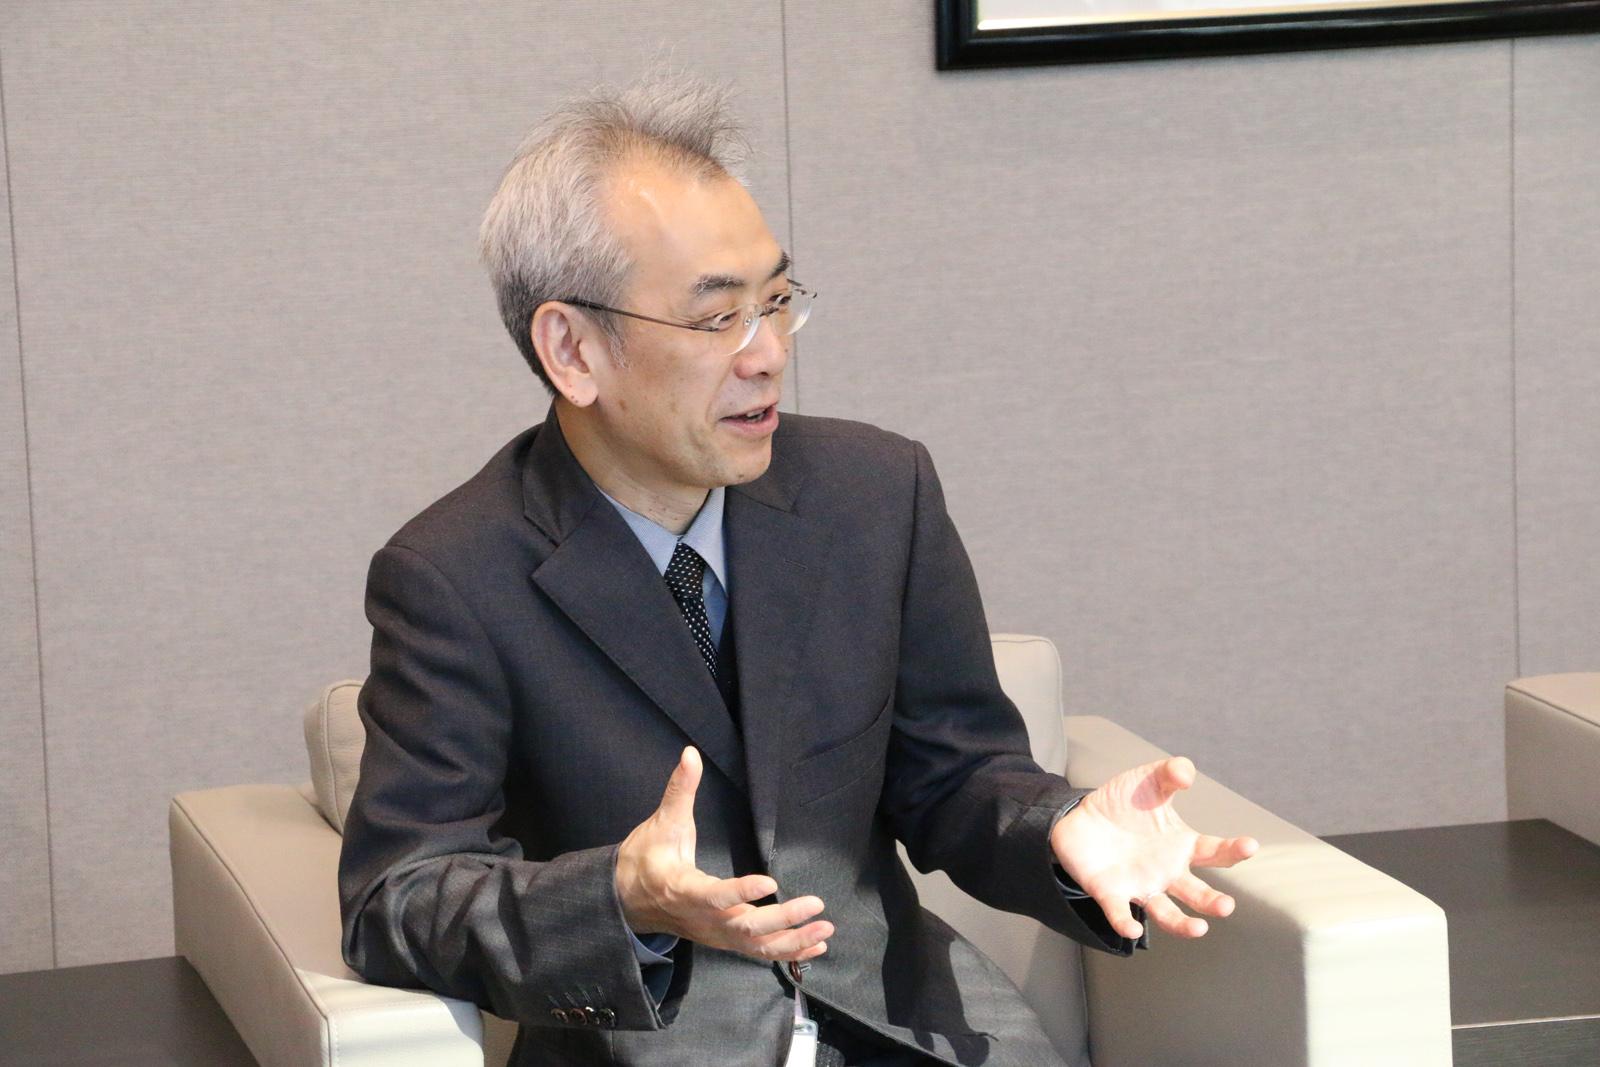 「サガ」シリーズを第1作から手がけてこられたエグゼクティブ・プロデューサーの河津秋敏さん